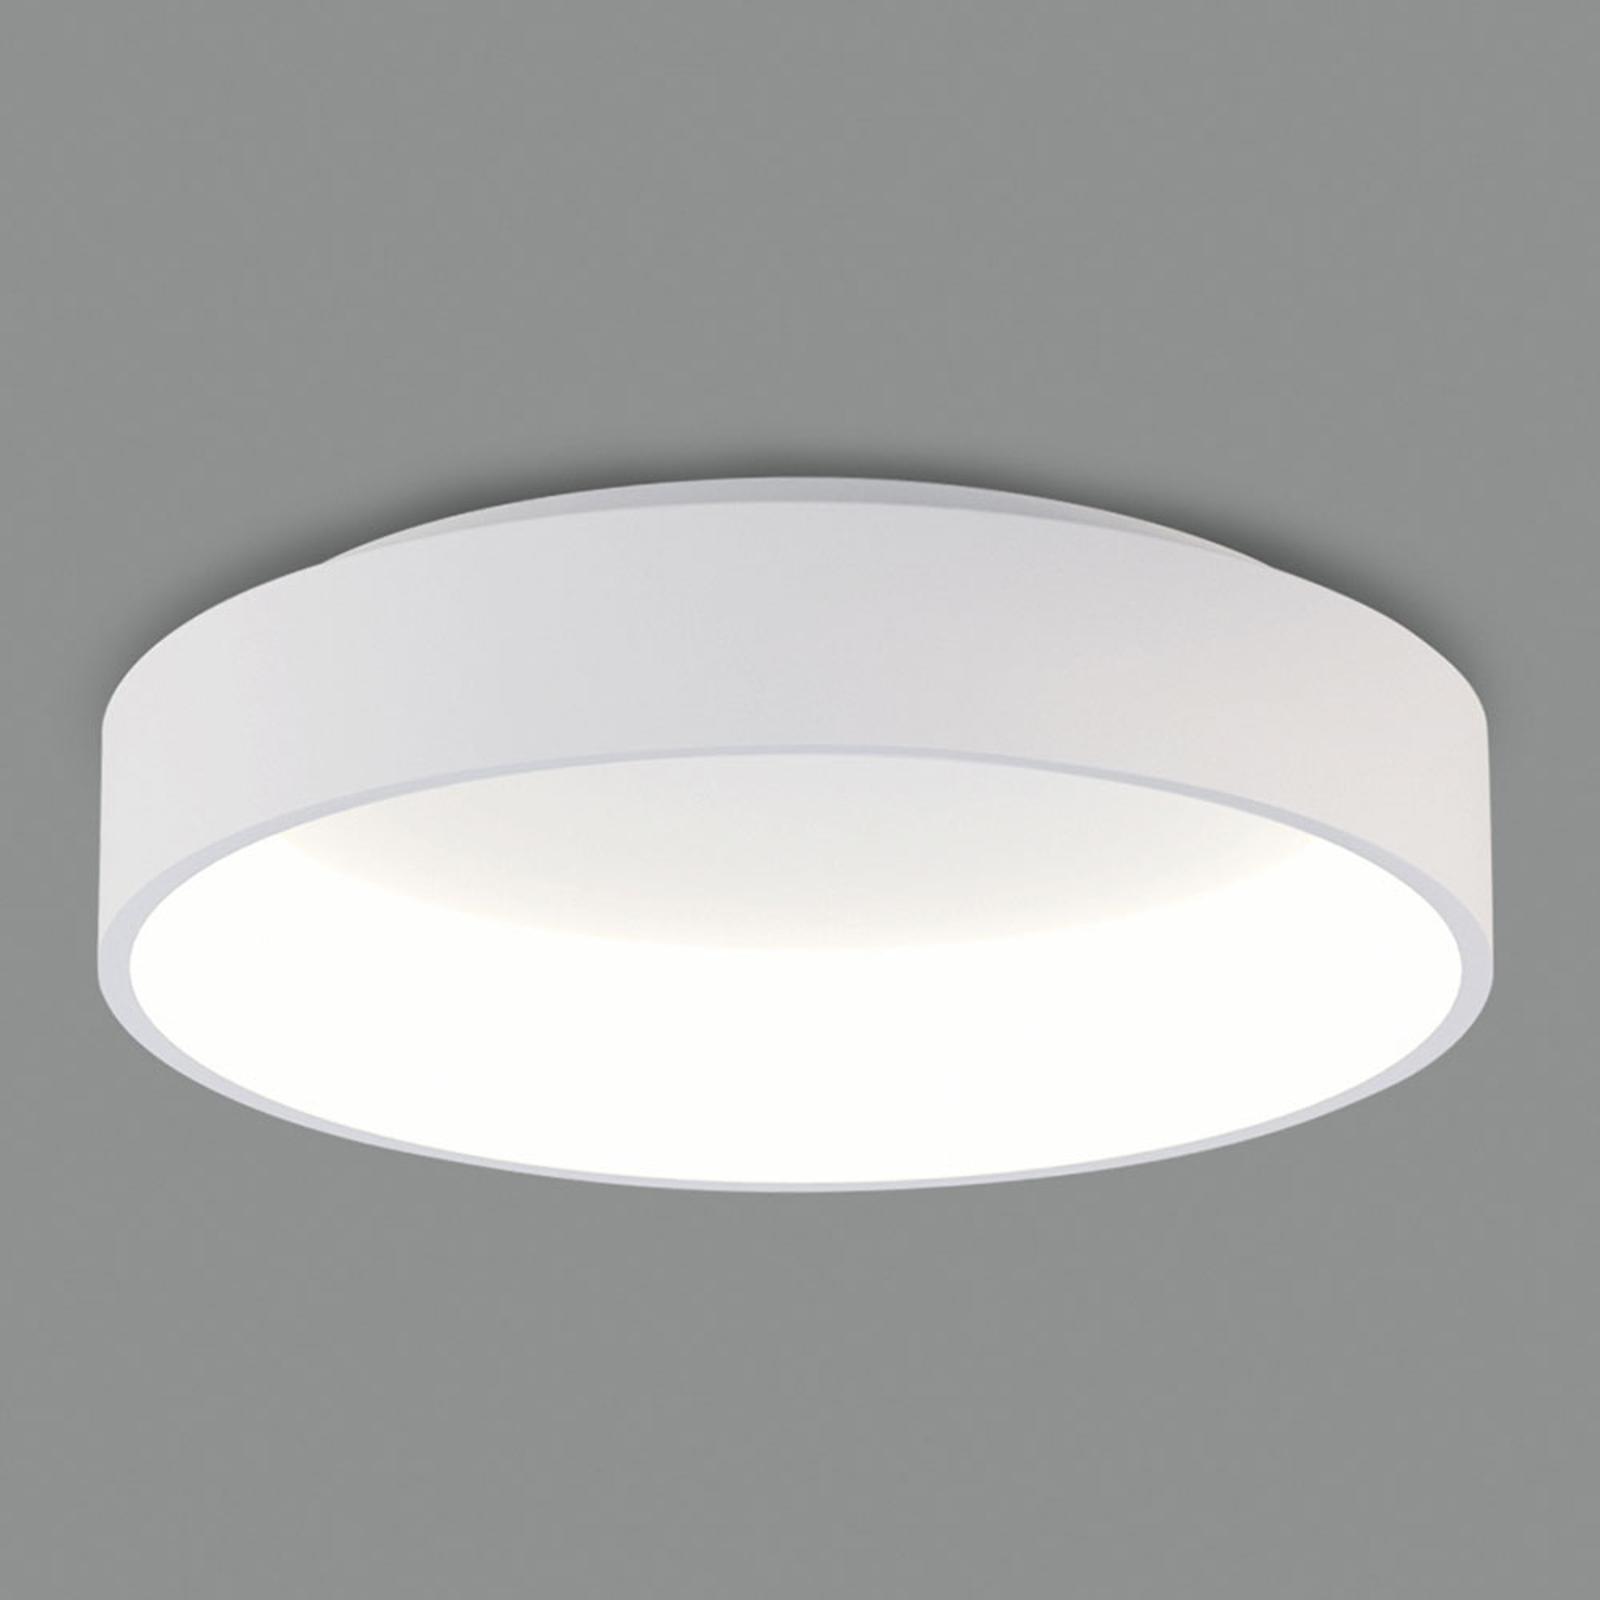 LED-taklampe Dilga DALI Ø 60 cm Casambi hvit